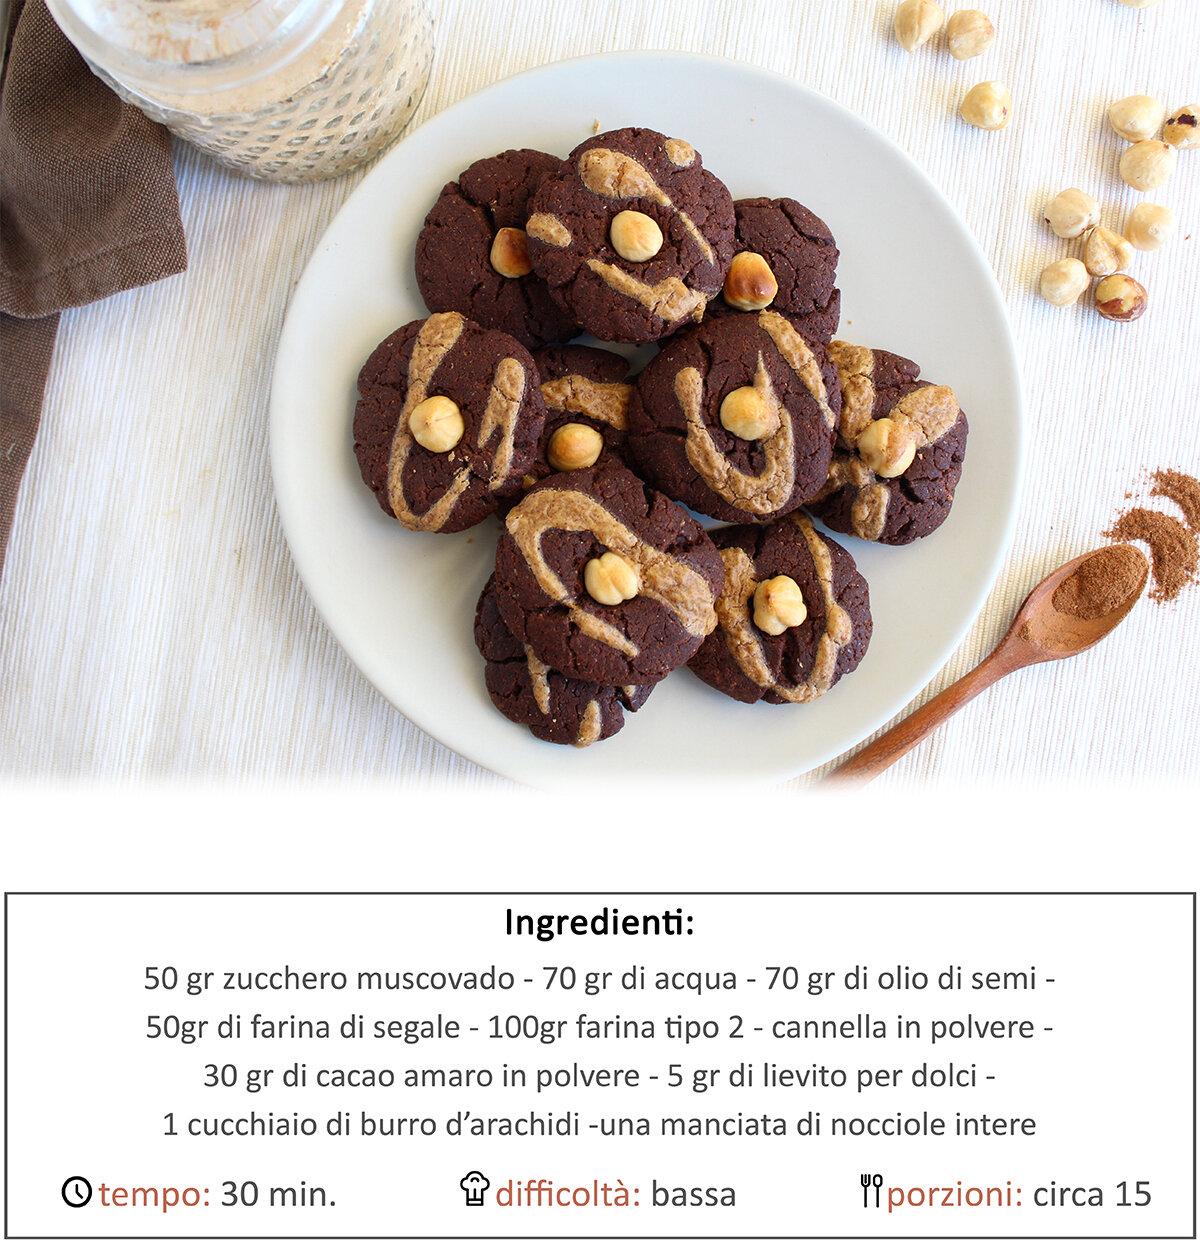 Biscotti al cioccolato e burro di arachidi